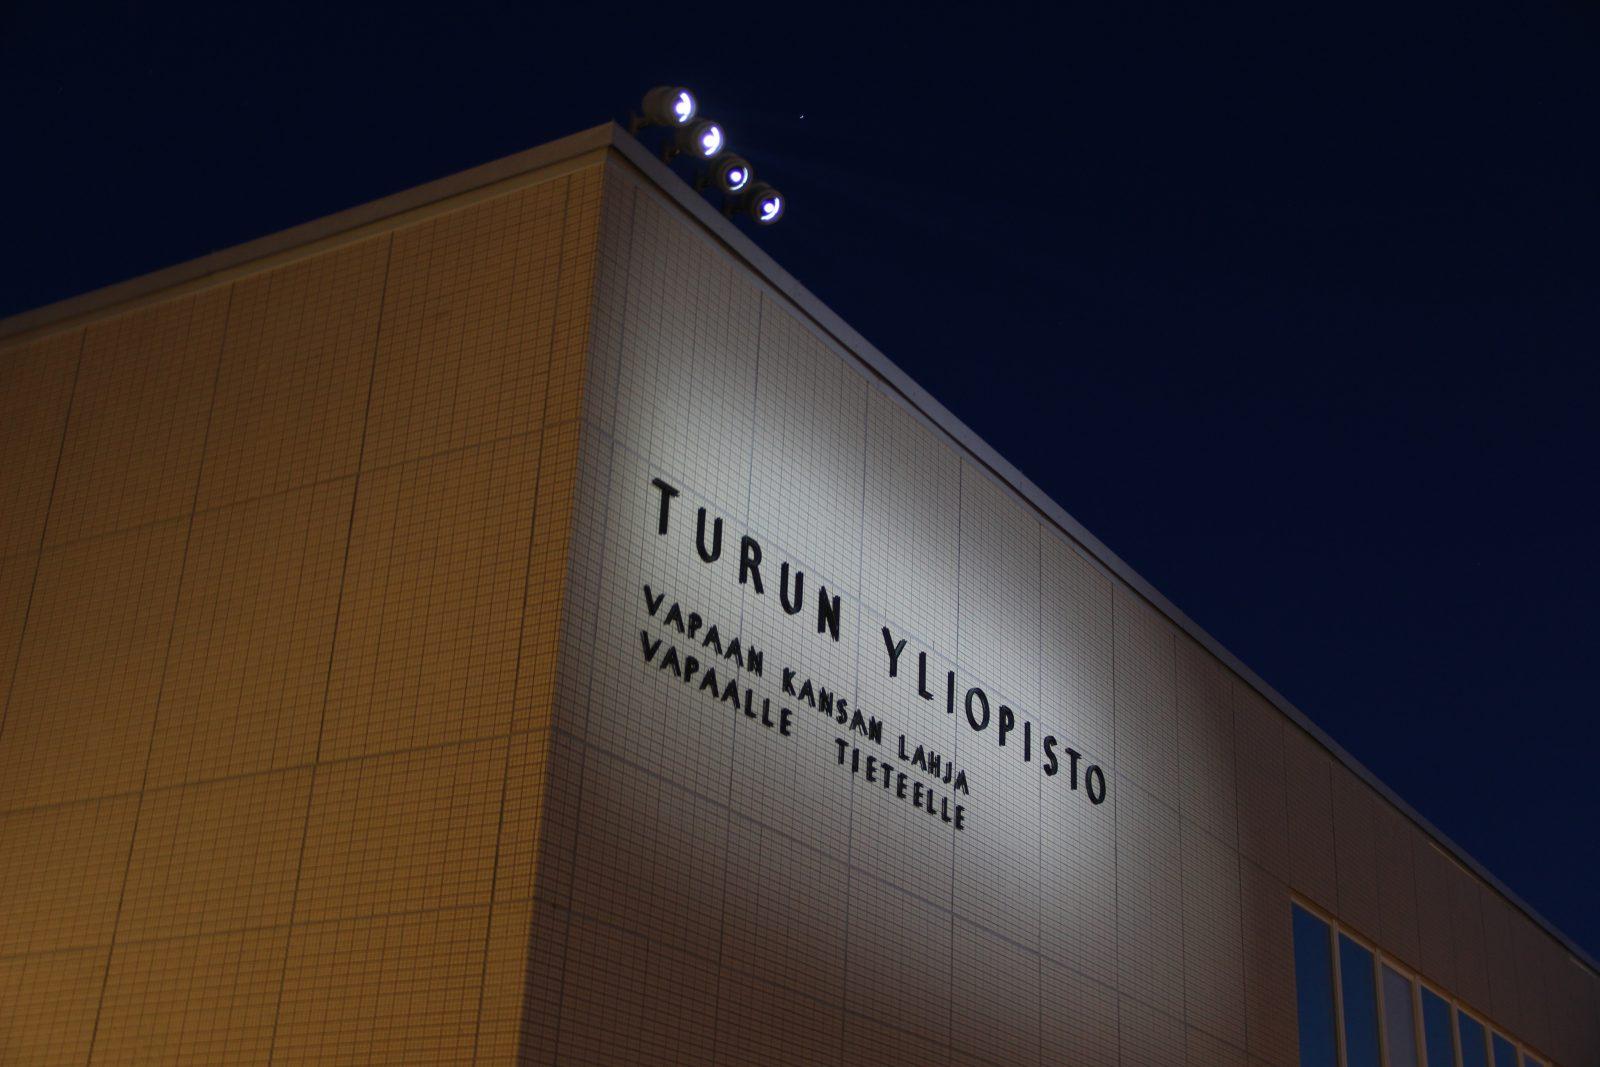 Turun yliopiston valaistus